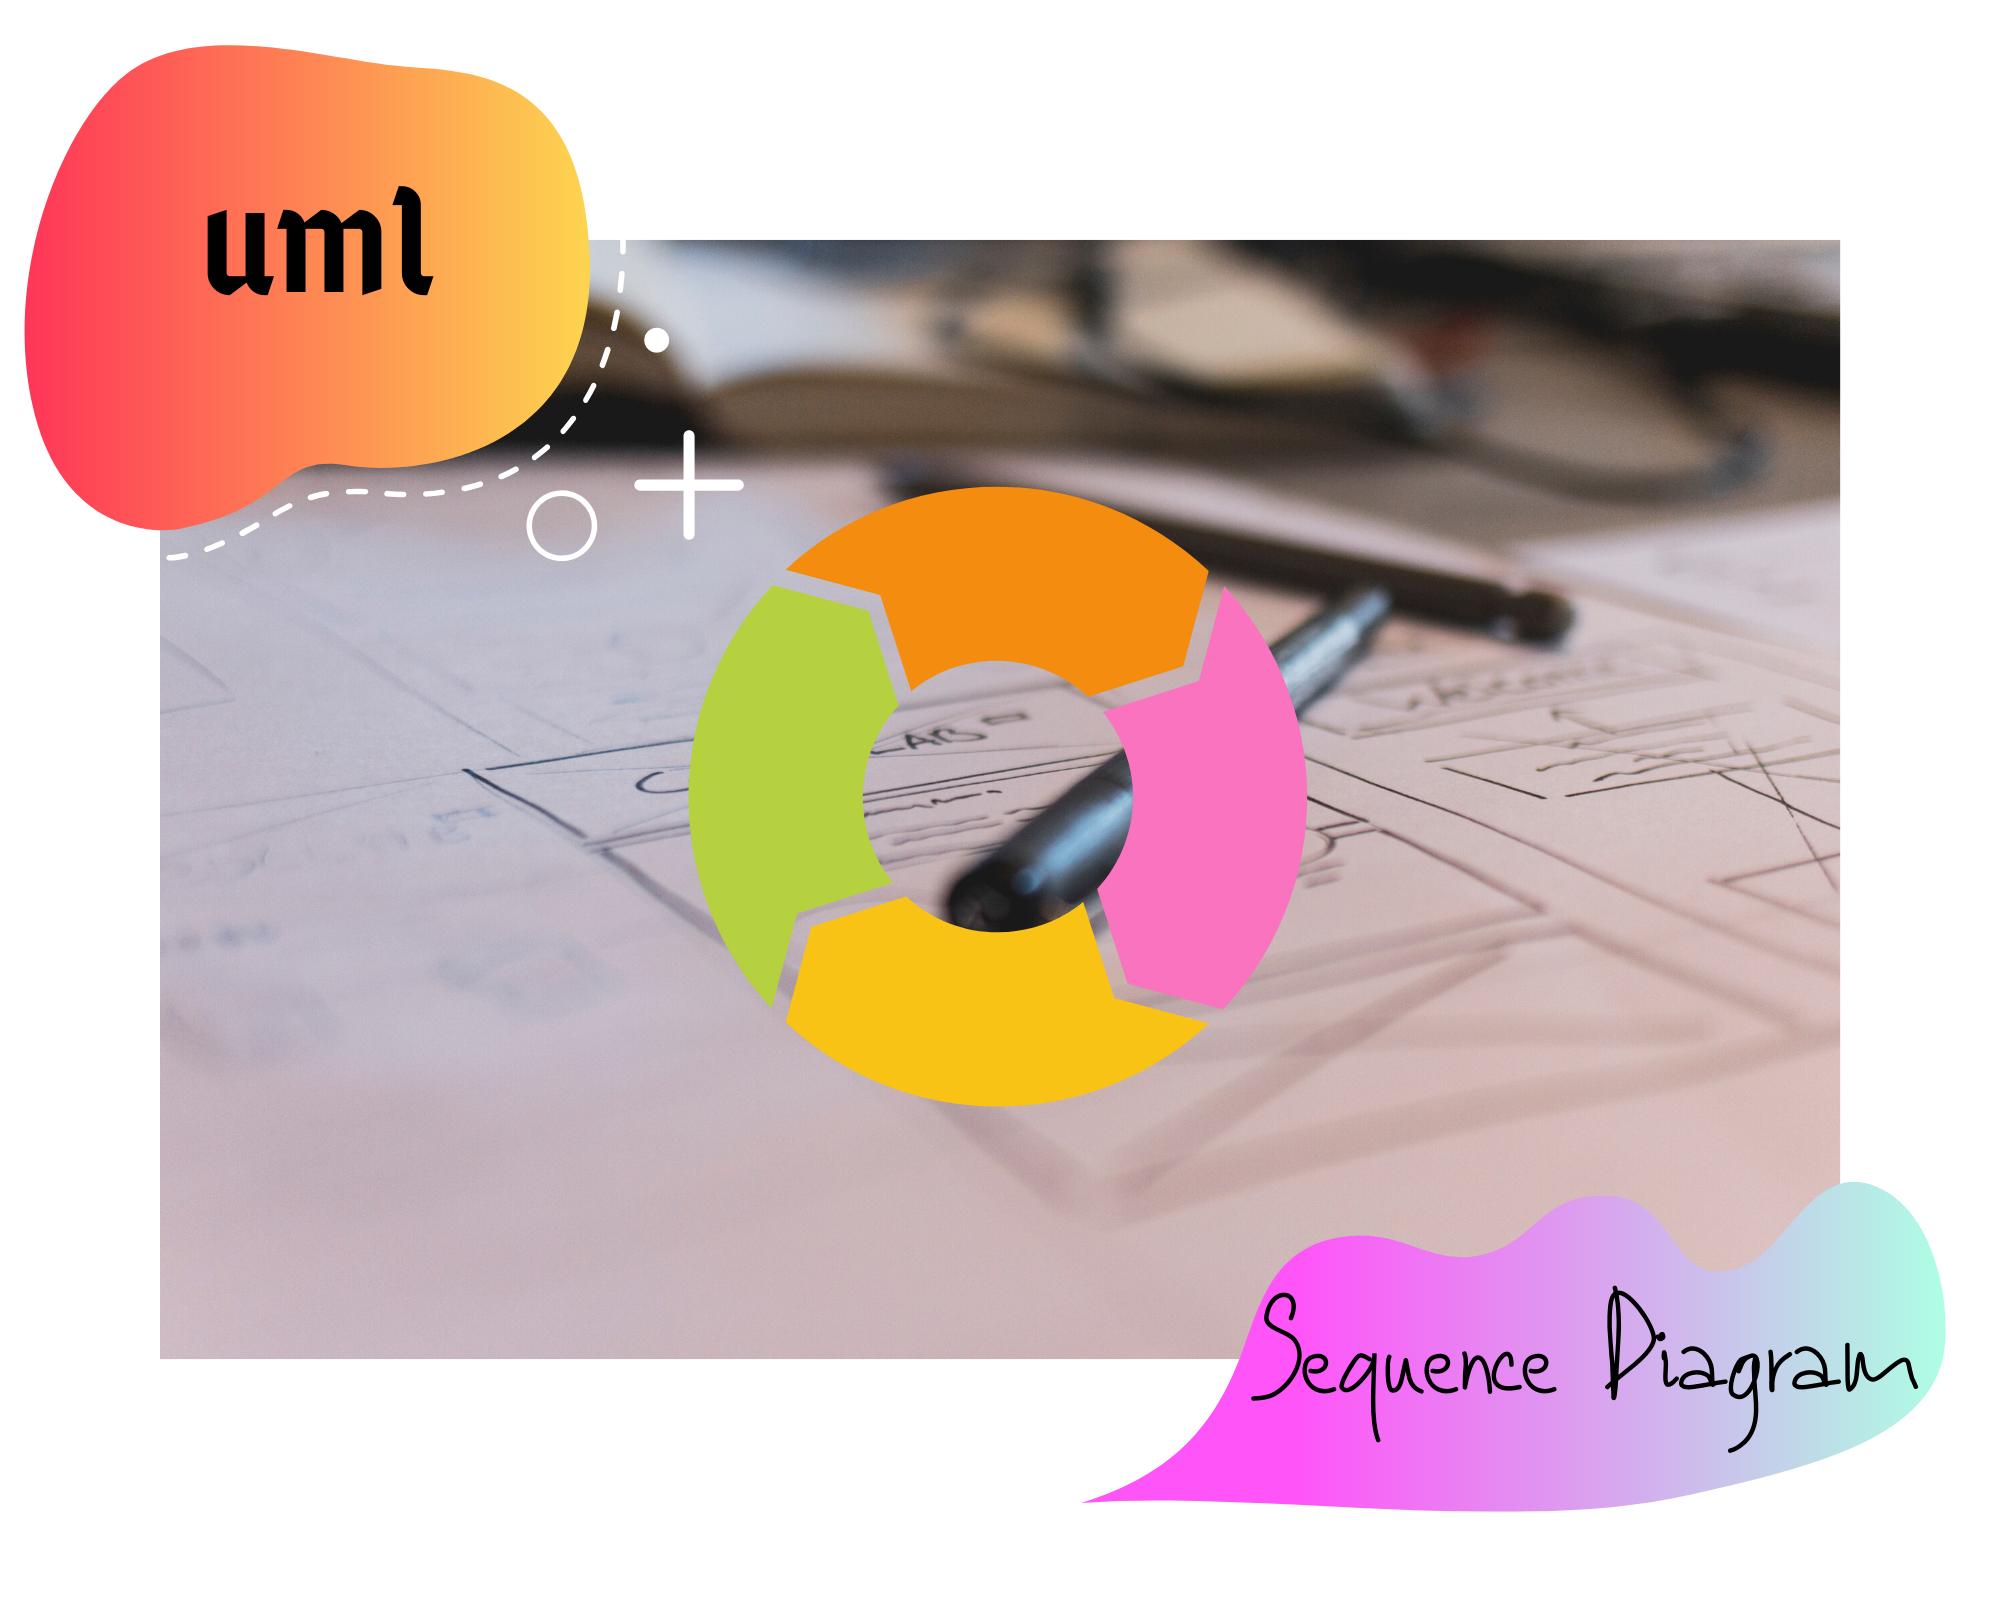 diagramme de séquence uml diagram sequence